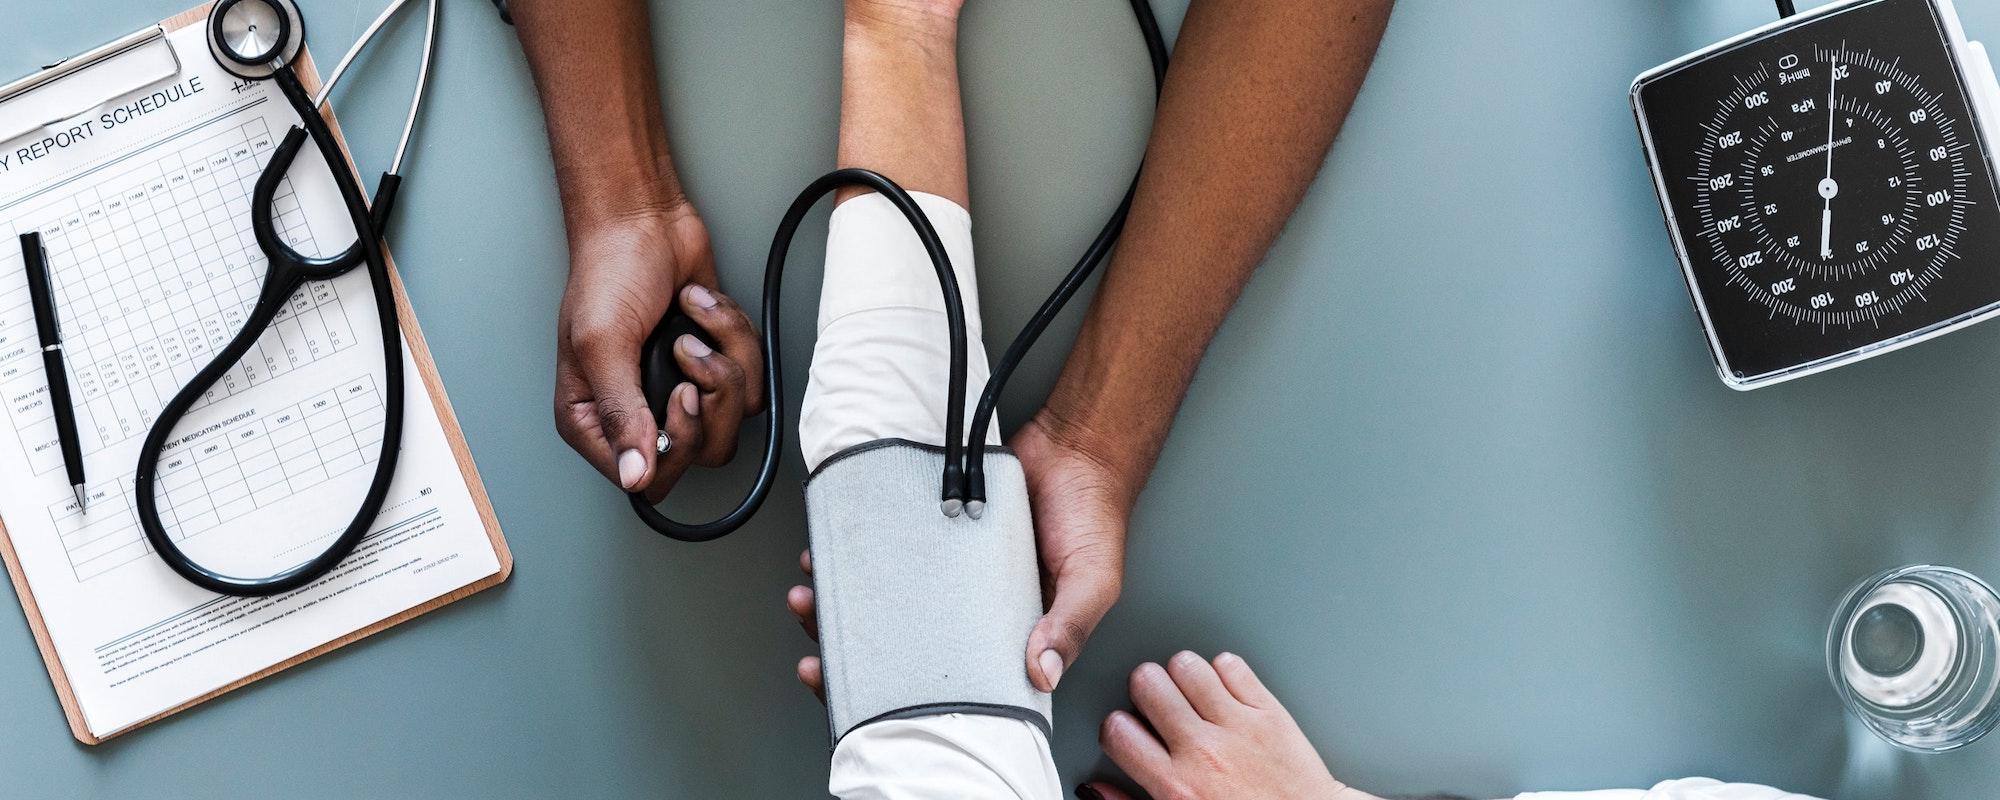 staff taking patient blood pressure